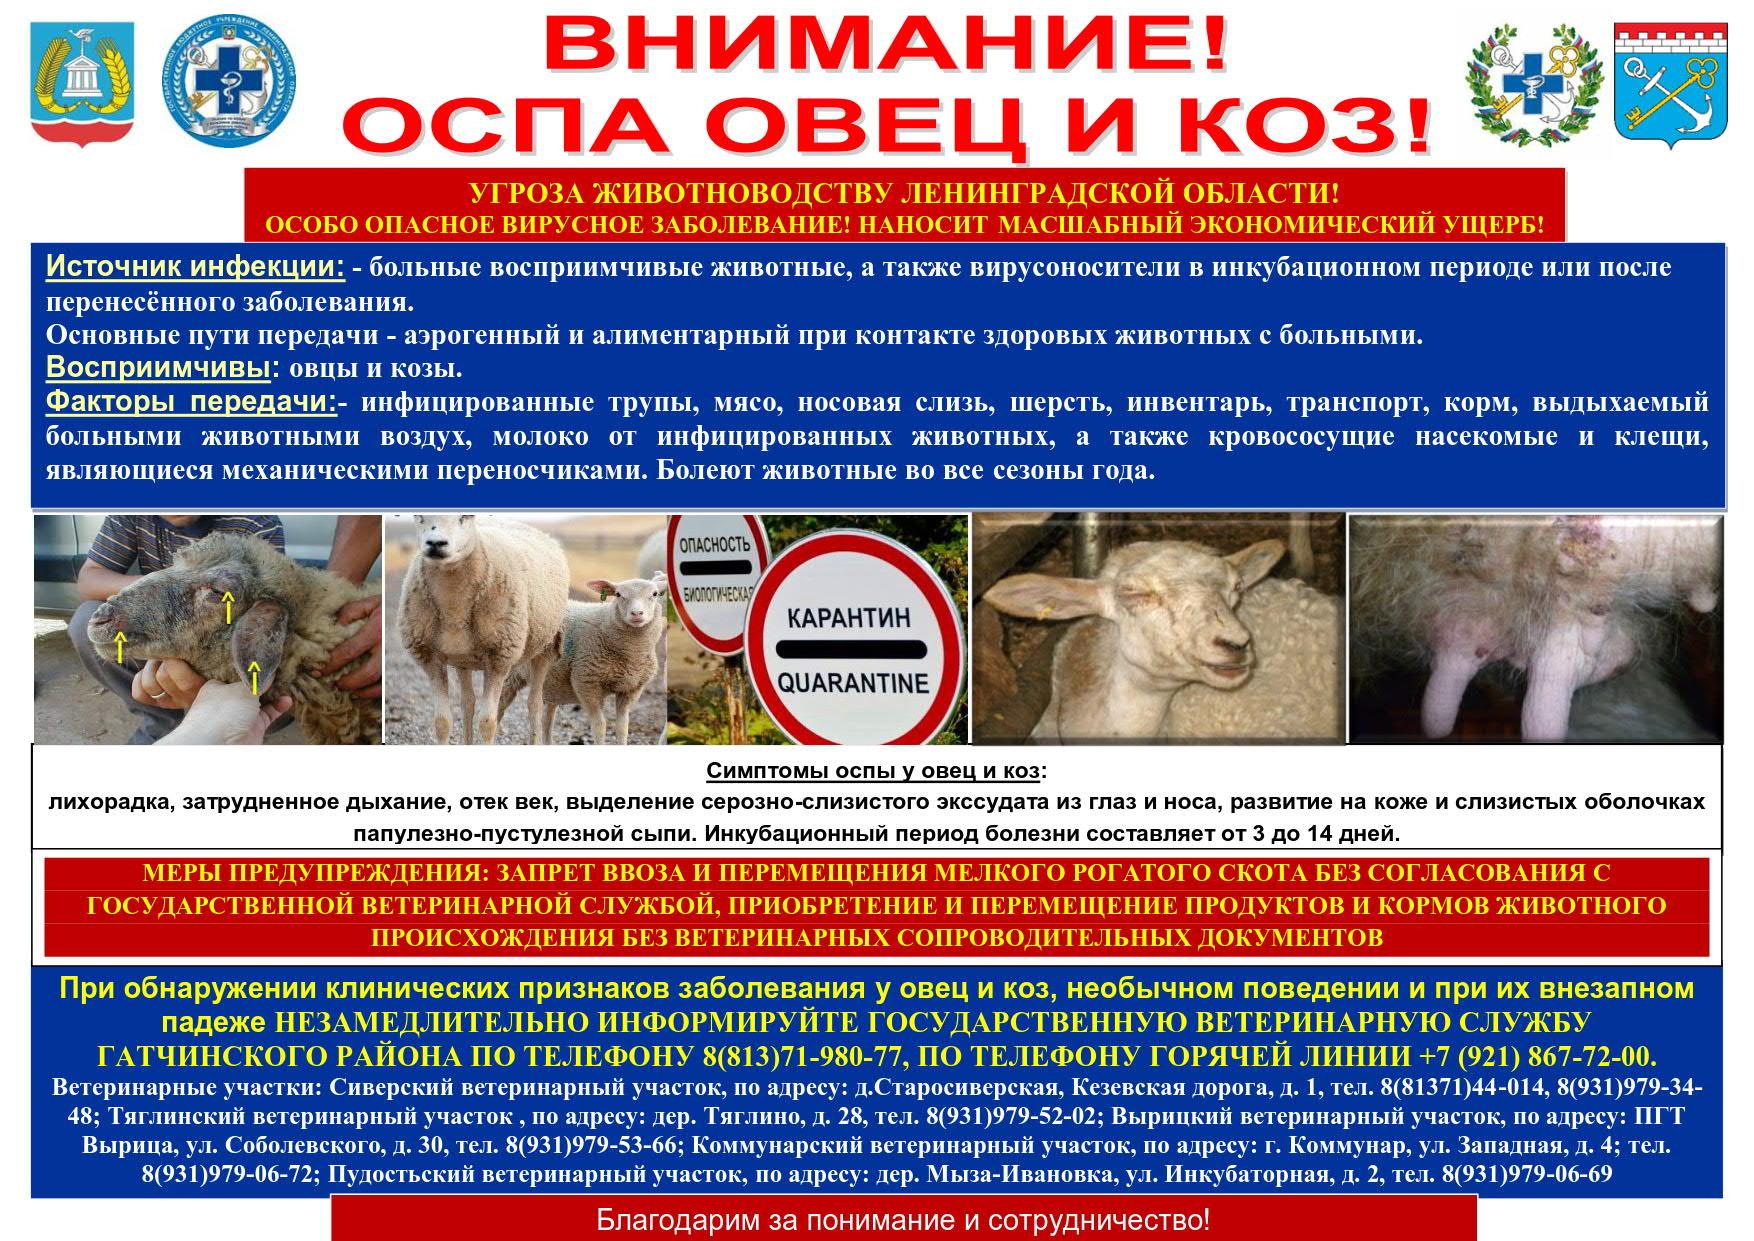 Памятка Оспа овец_2021(1)_1